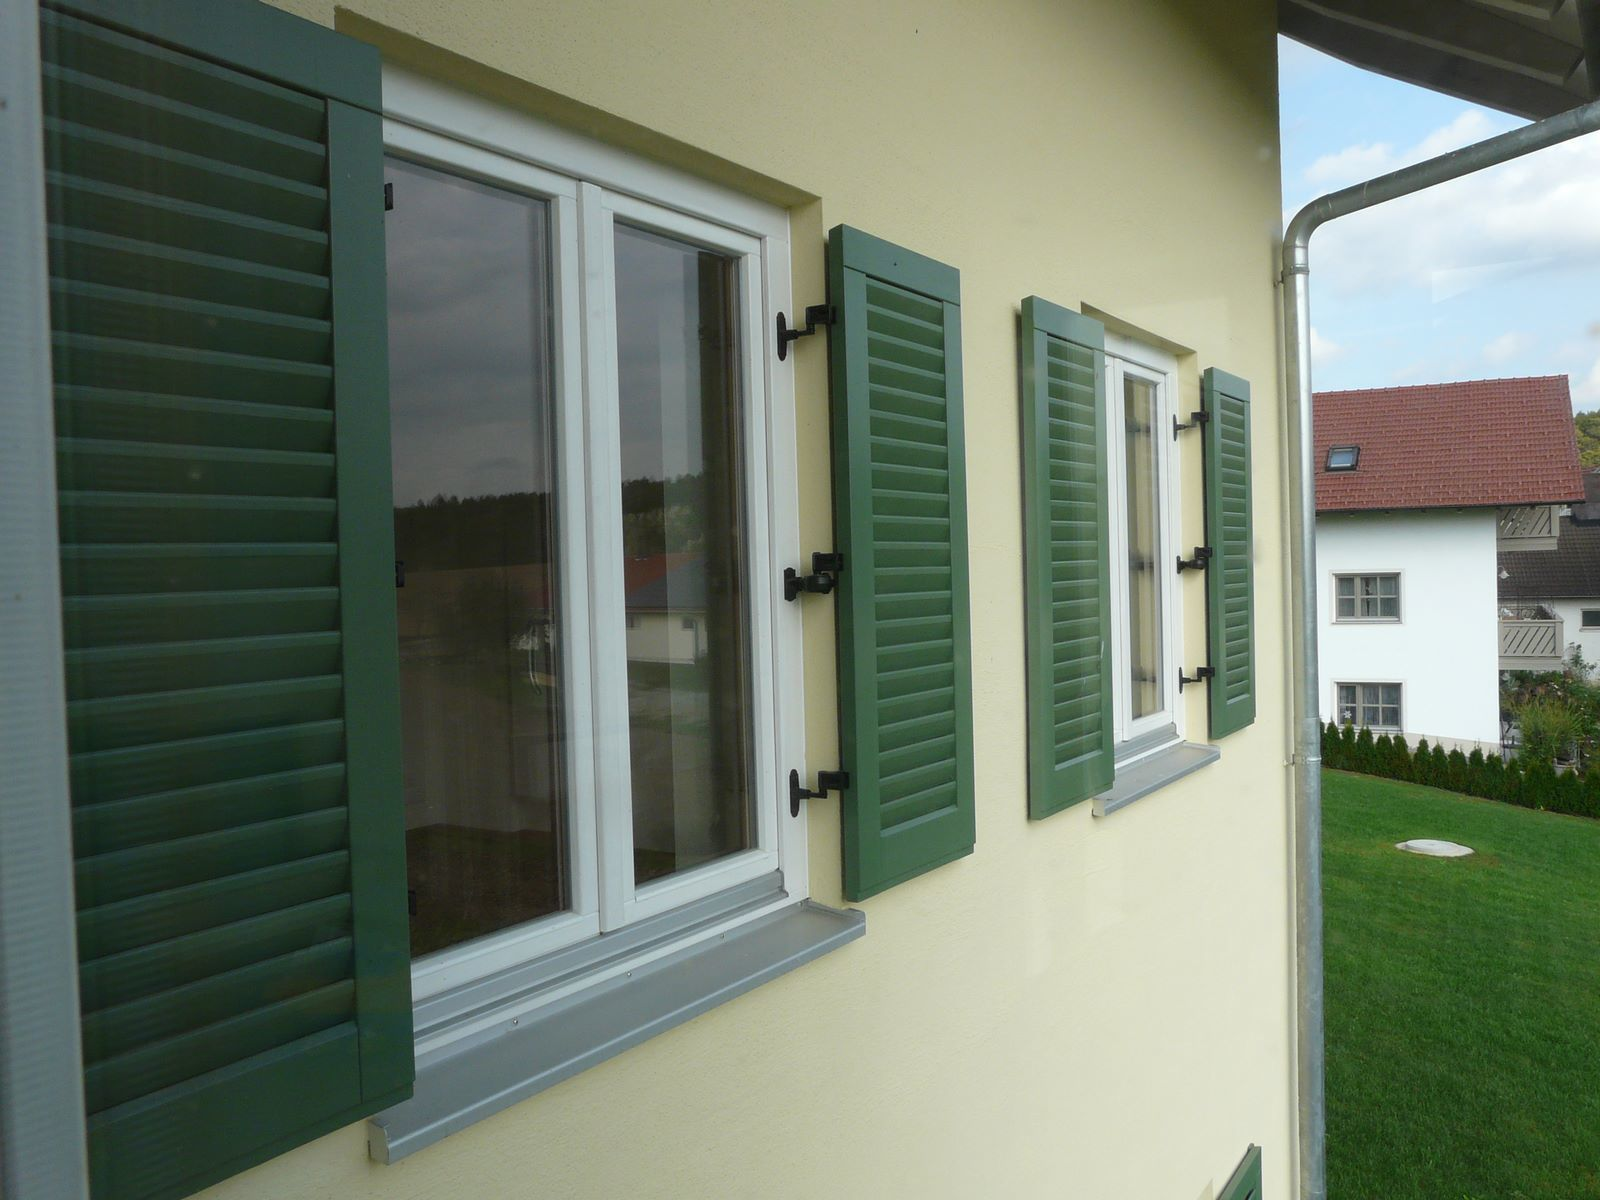 Fenster schreinerei m hlbauer holz form arnstorf for Fenster 0 95